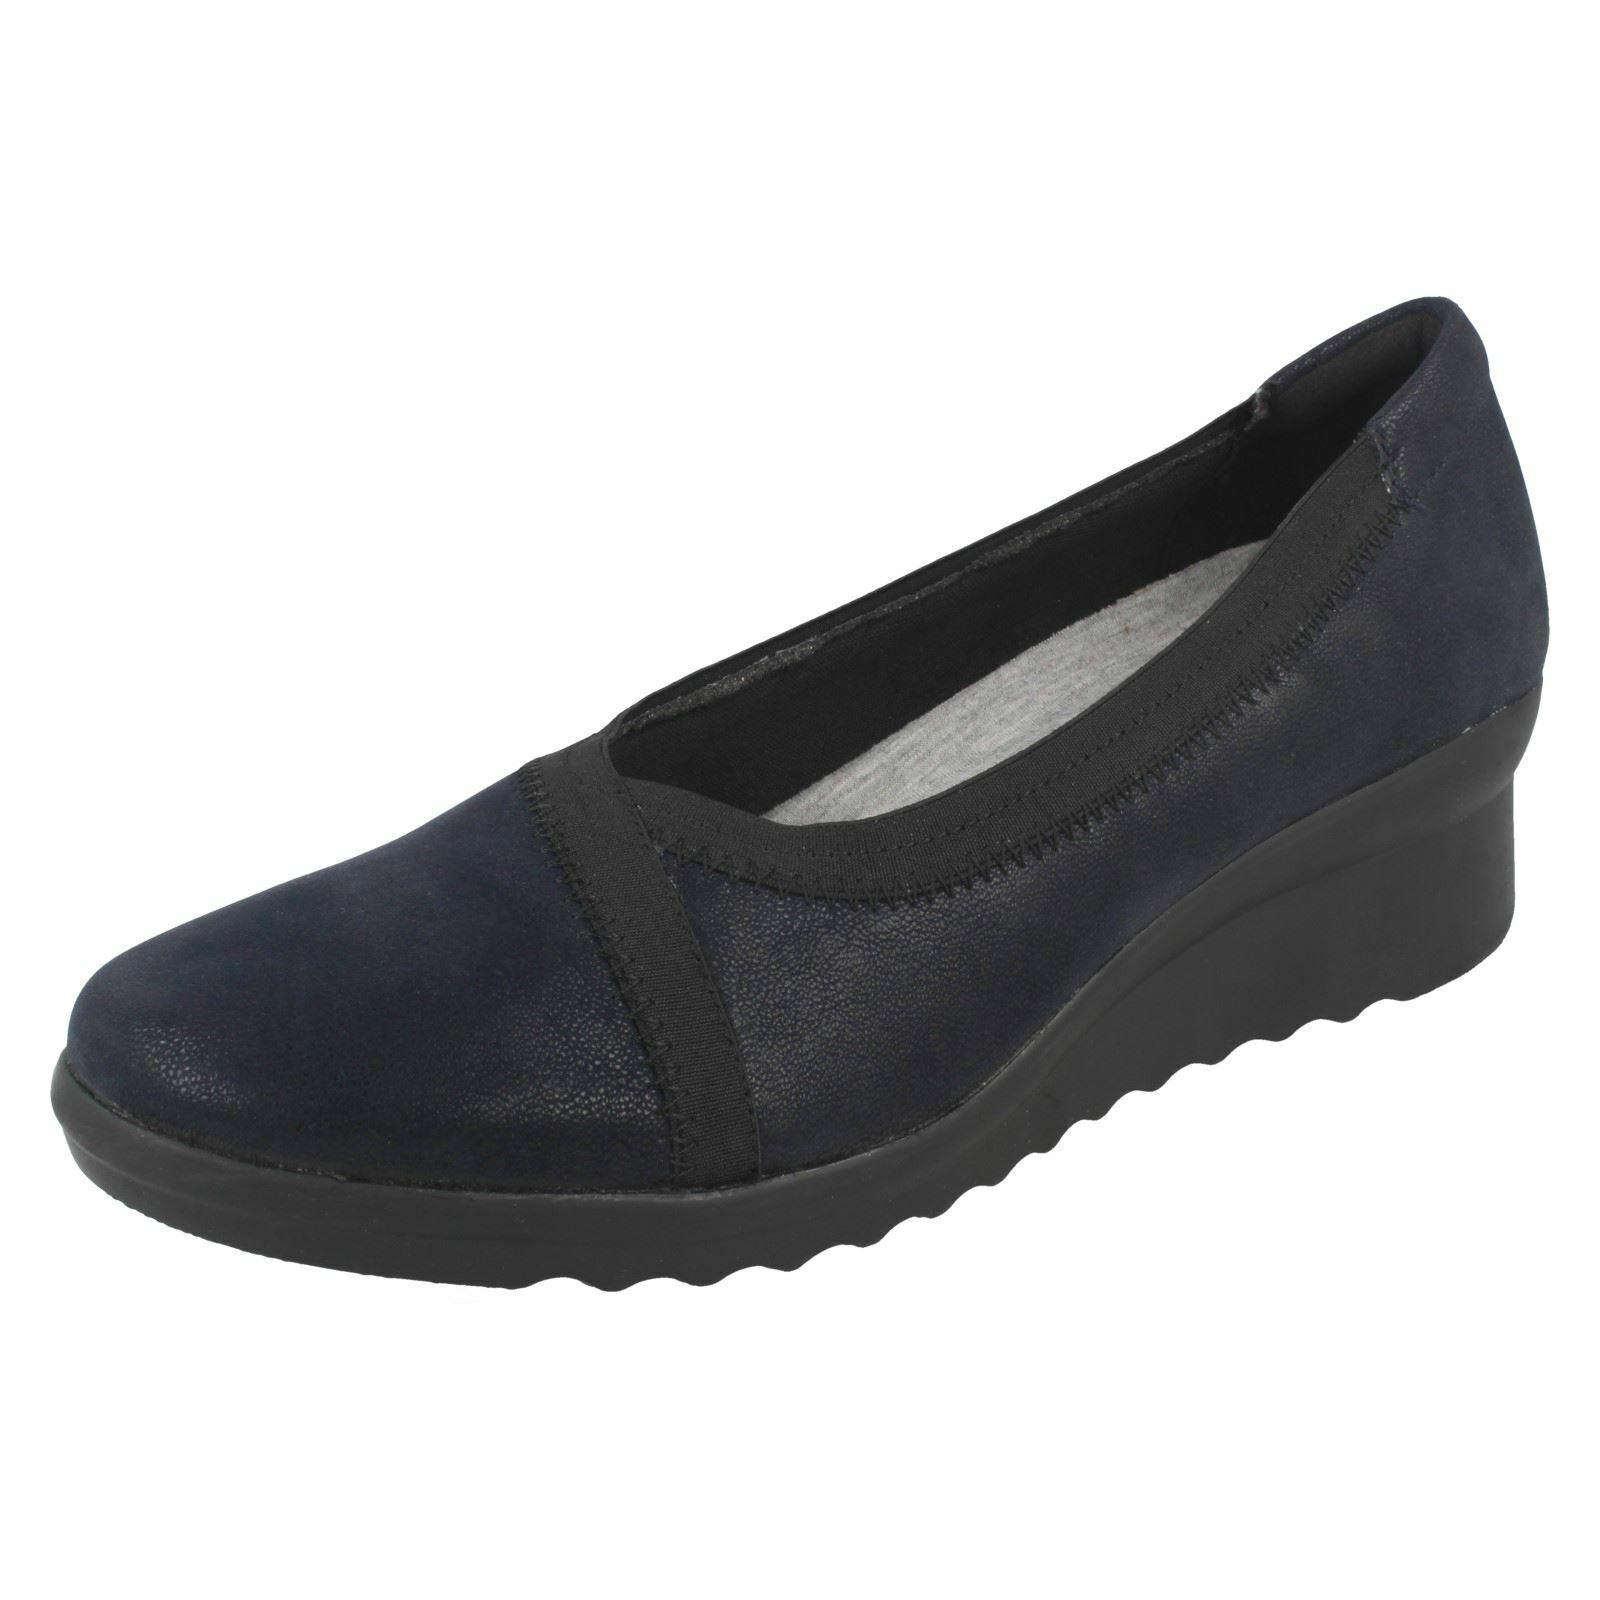 Femmes Clarks Et Talon Compensé chaussures Caddell avait Dash